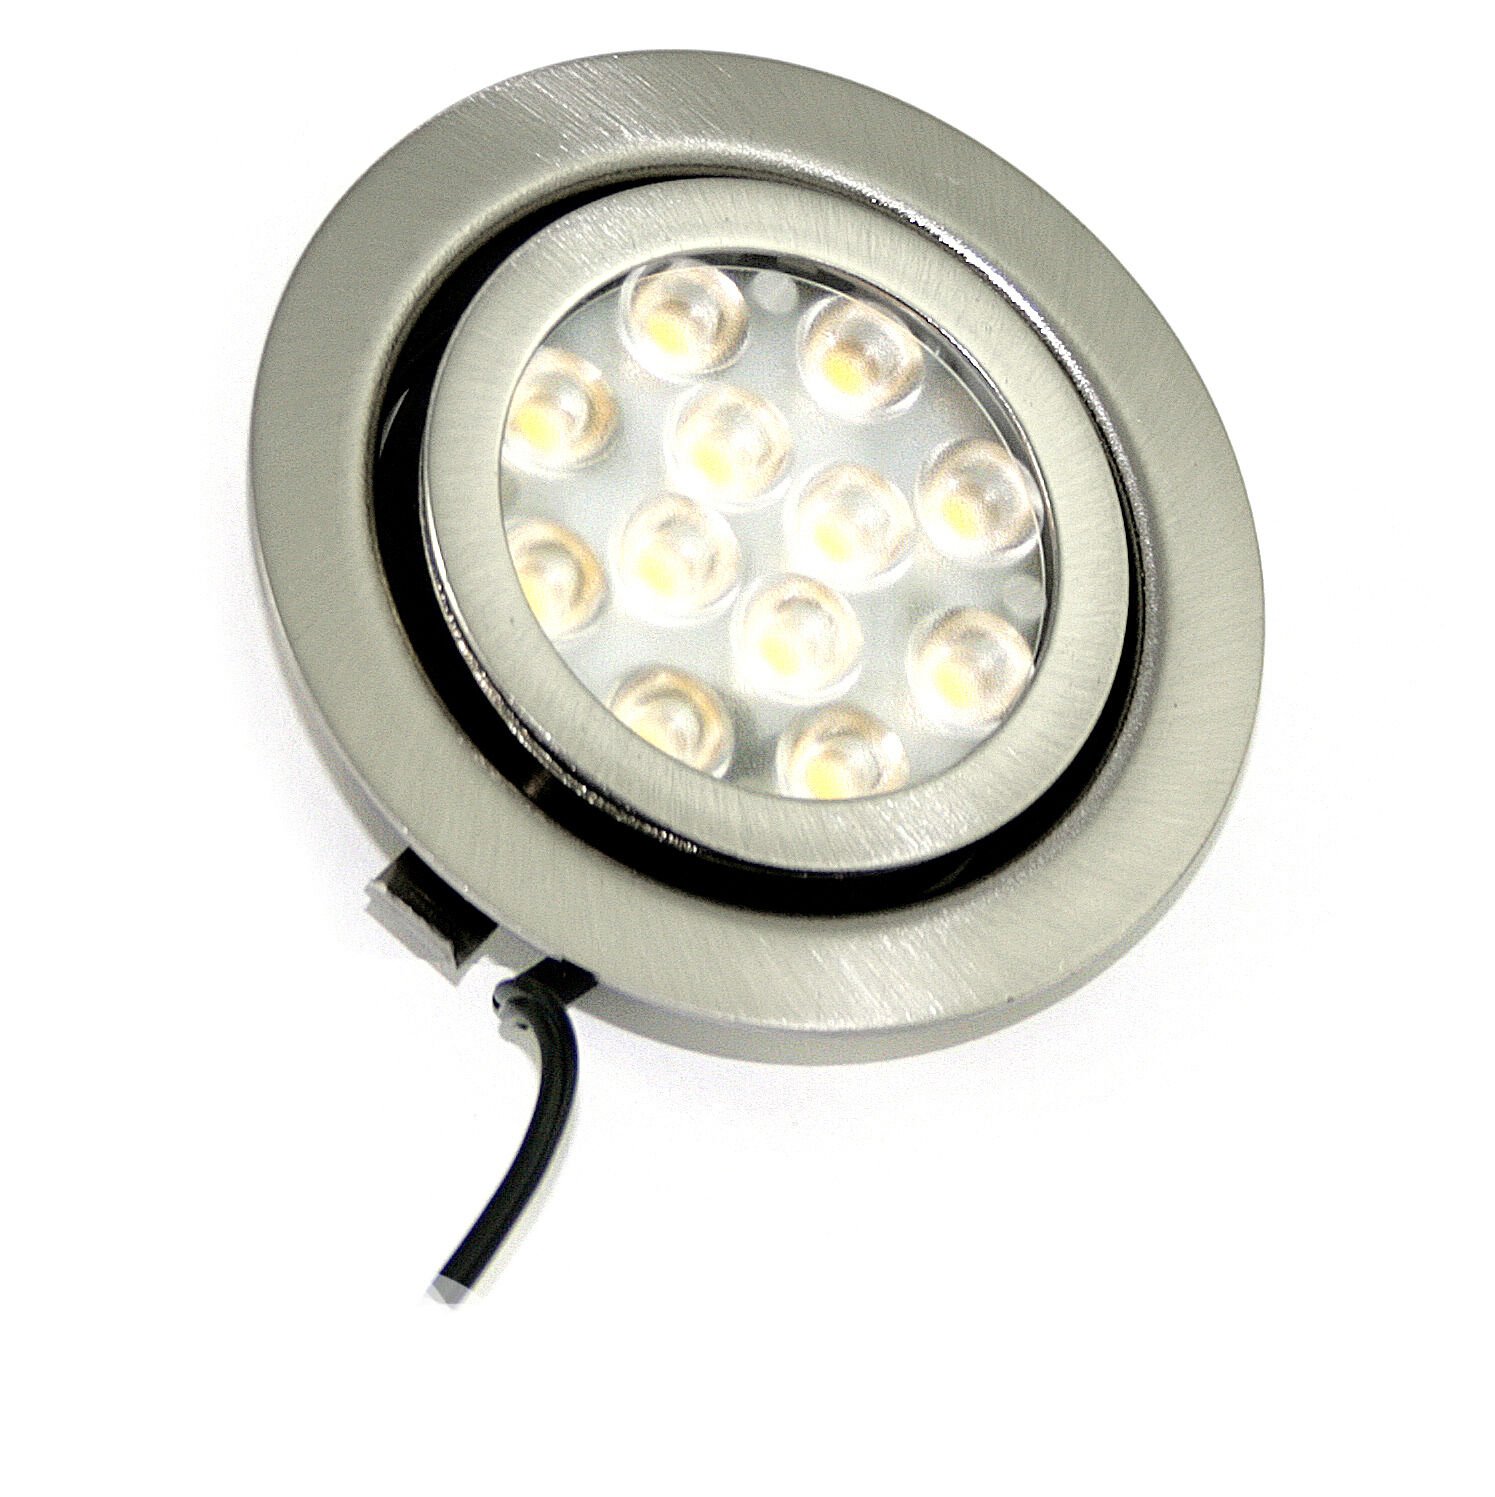 1-- 10er Sets LED Möbel-Spots Einbauleuchten Inge 3W - 20°schwenkbar + LED-Trafo